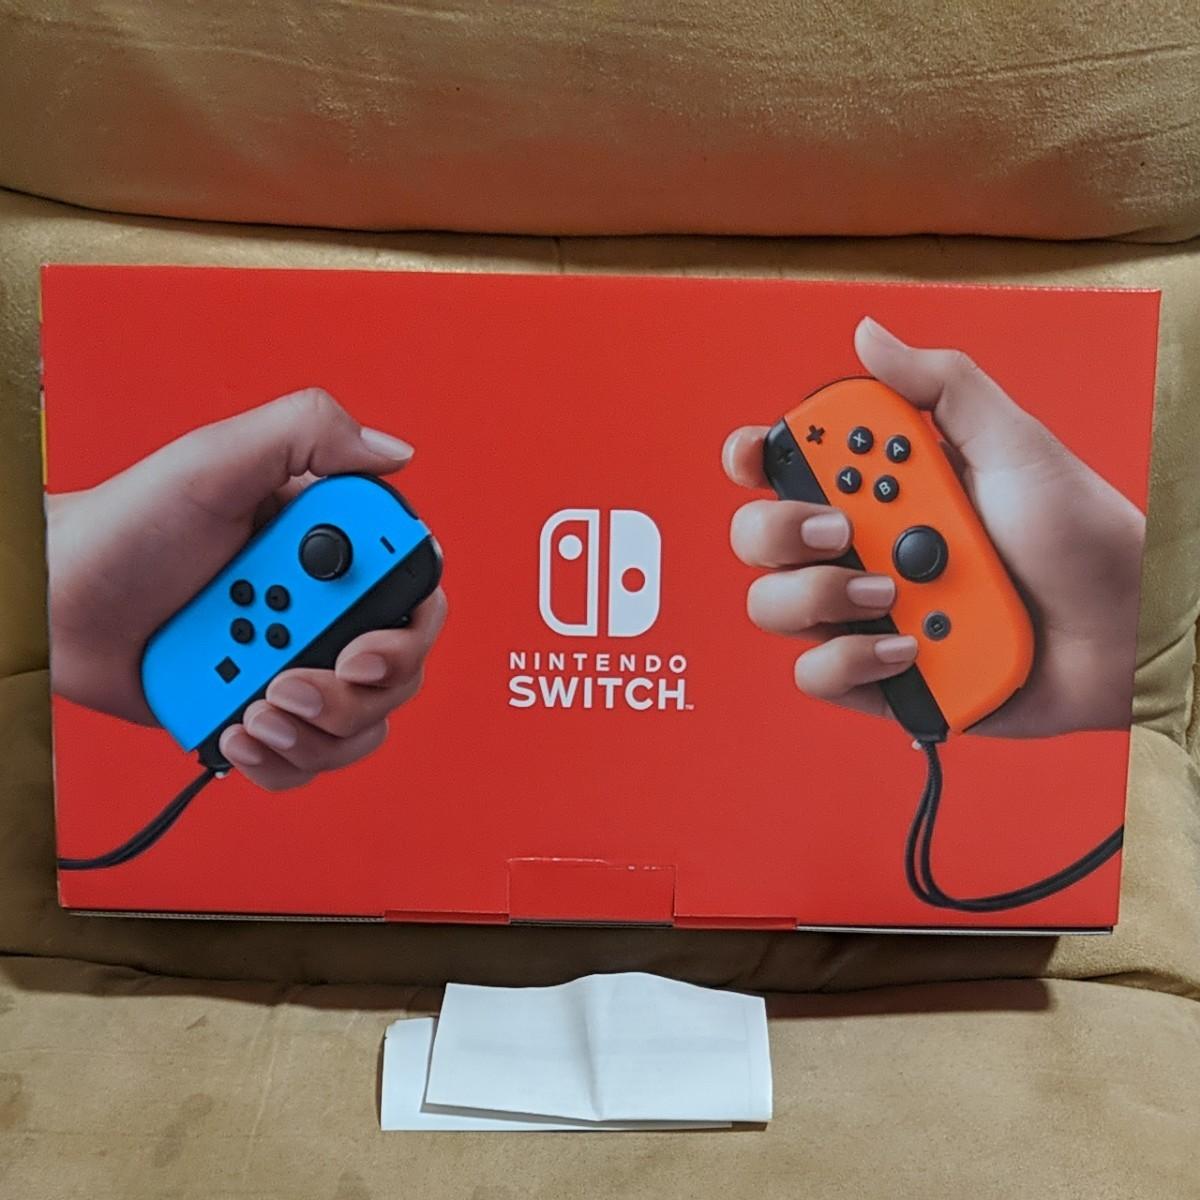 新品未使用品  ニンテンドースイッチ 本体  ネオン  Nintendo Switch  任天堂  Joy-Con